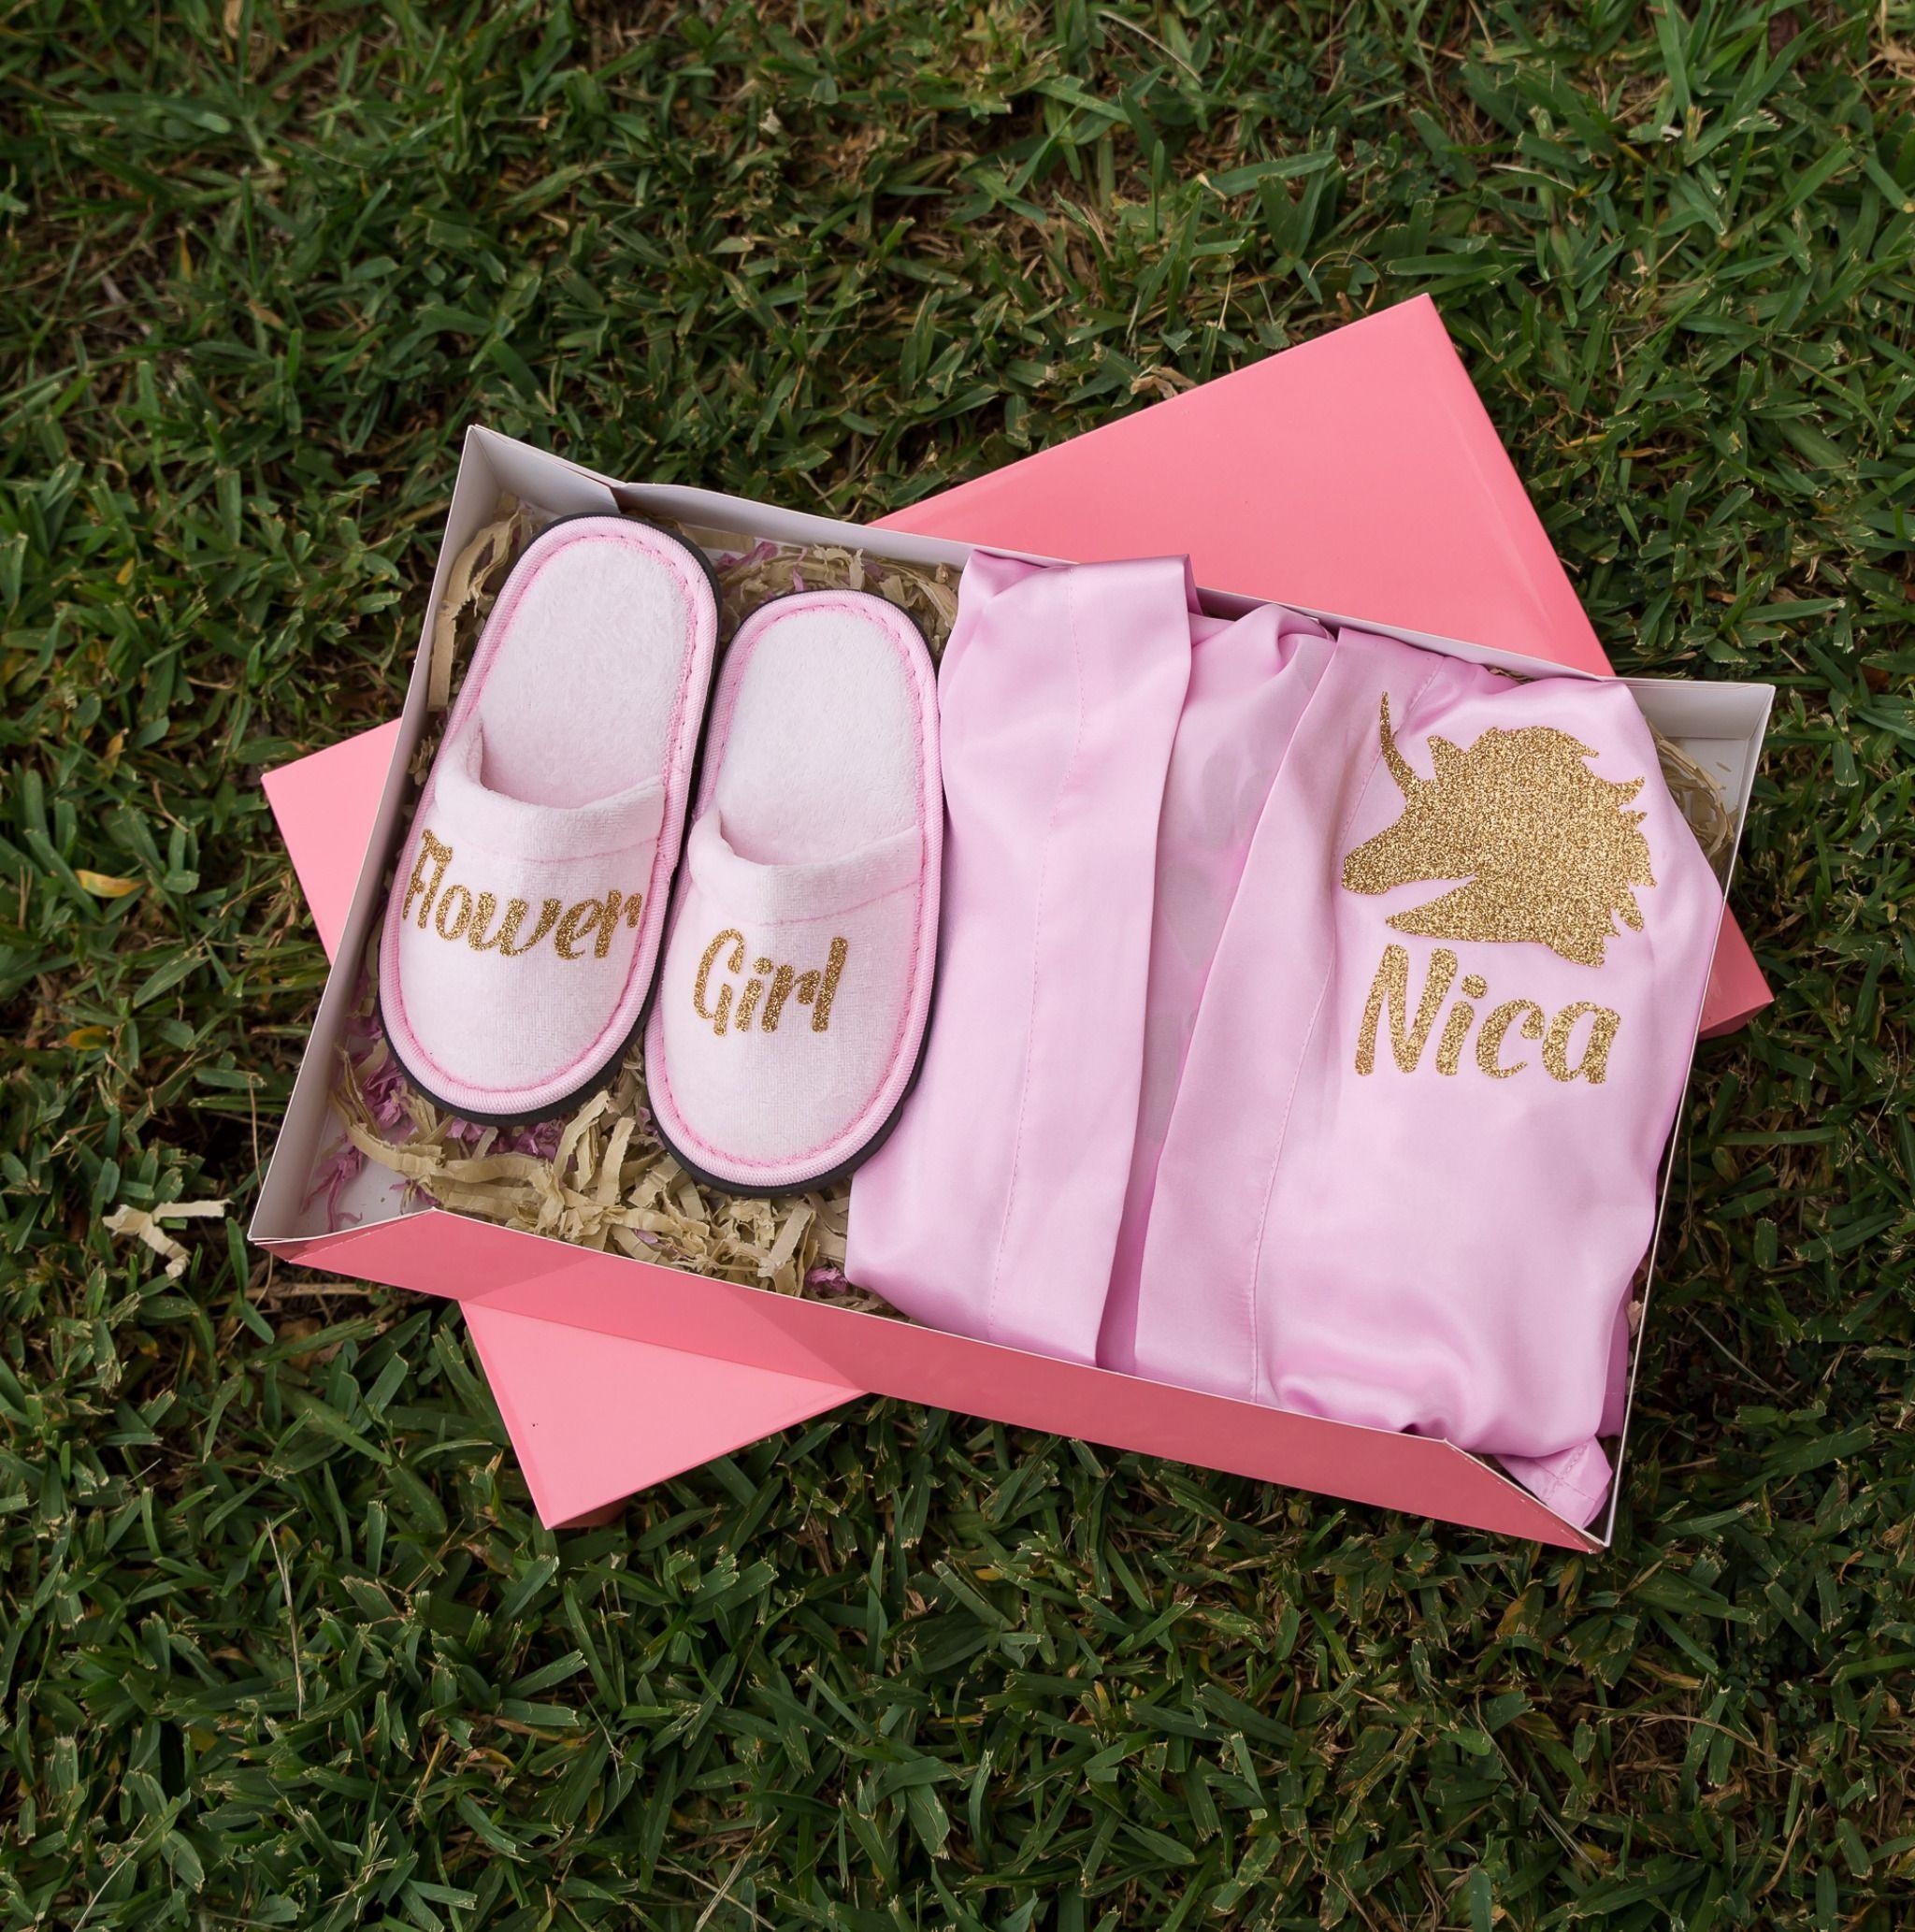 Bridesmaid gift box sets wedding gifts for bridesmaids